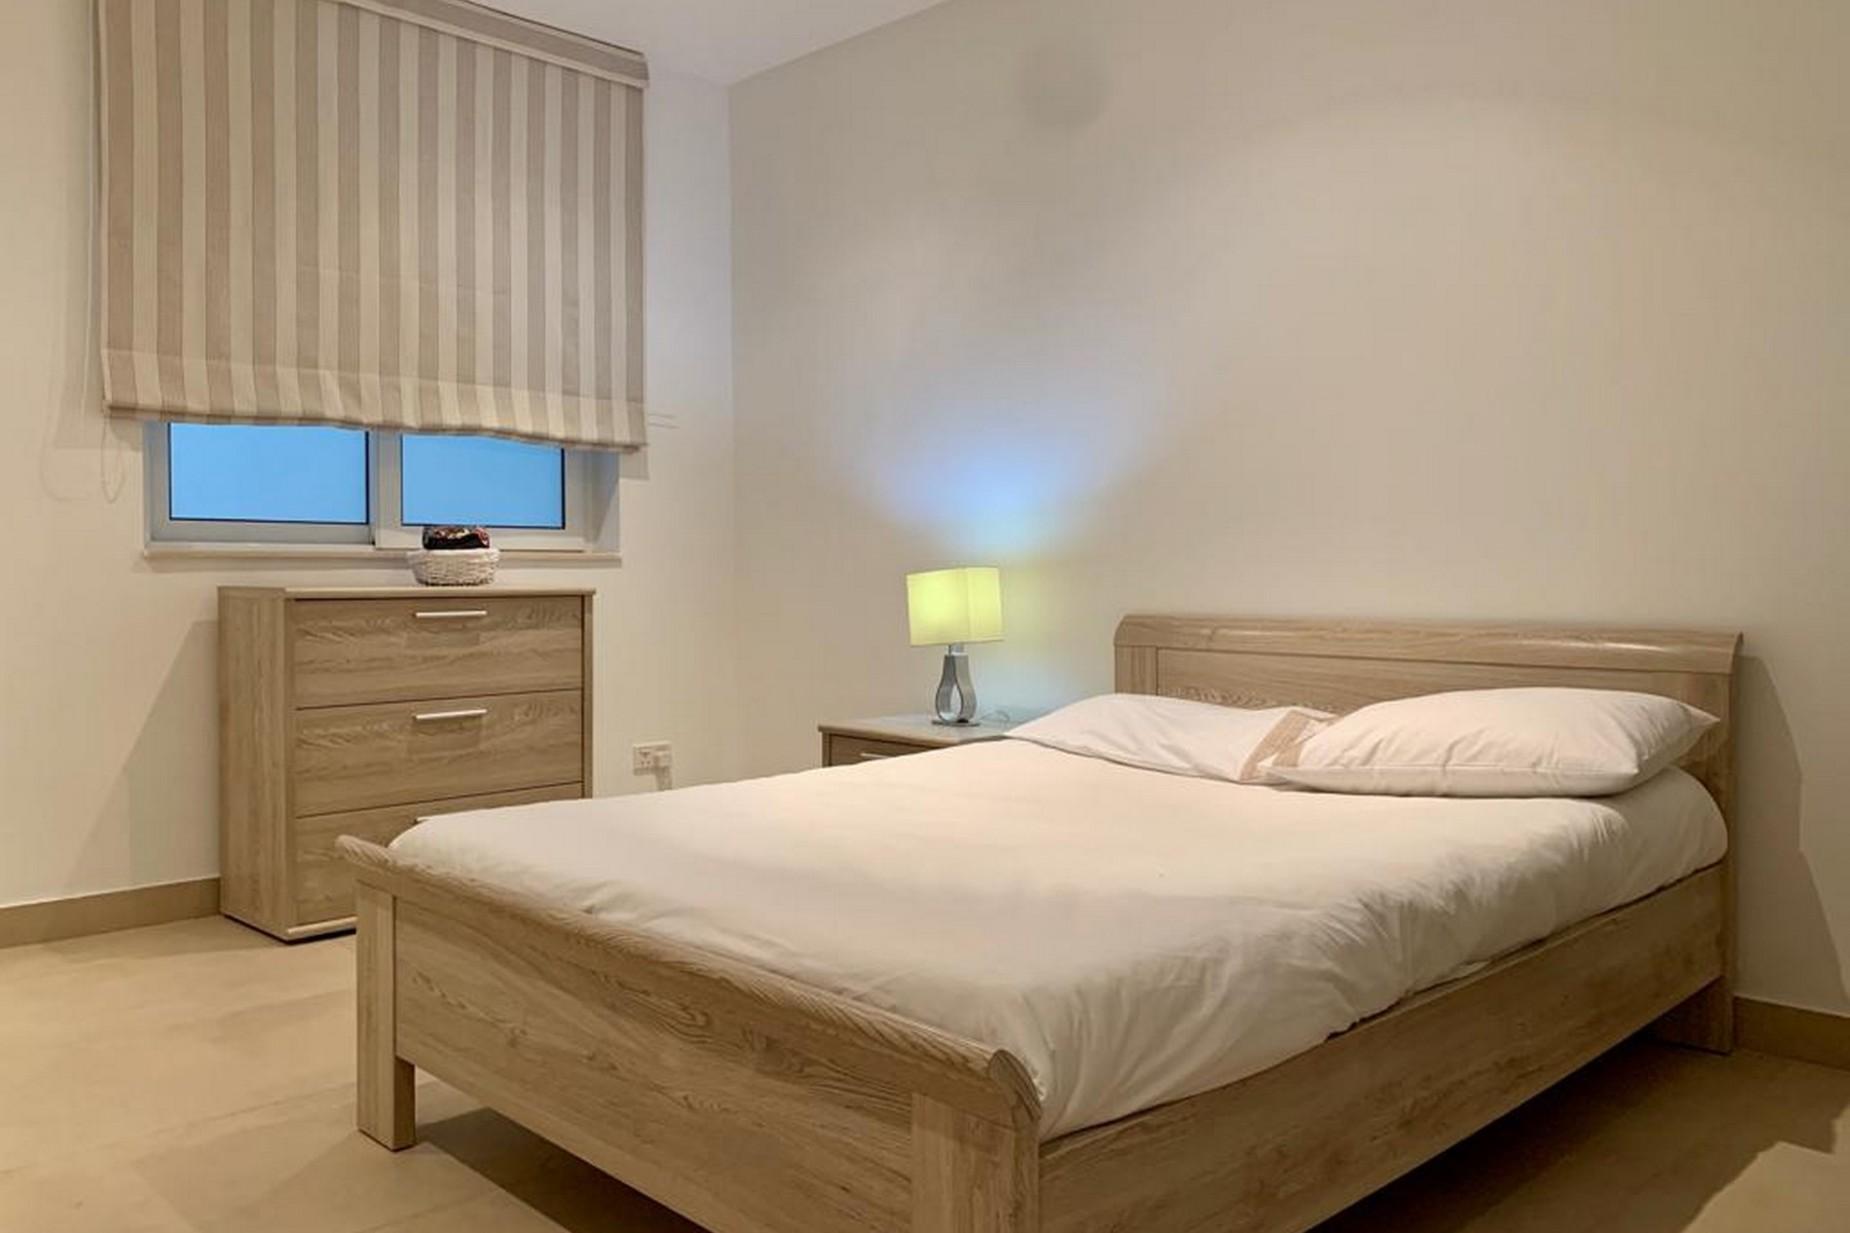 3 bed Apartment For Rent in Ta' Xbiex, Ta' Xbiex - thumb 17